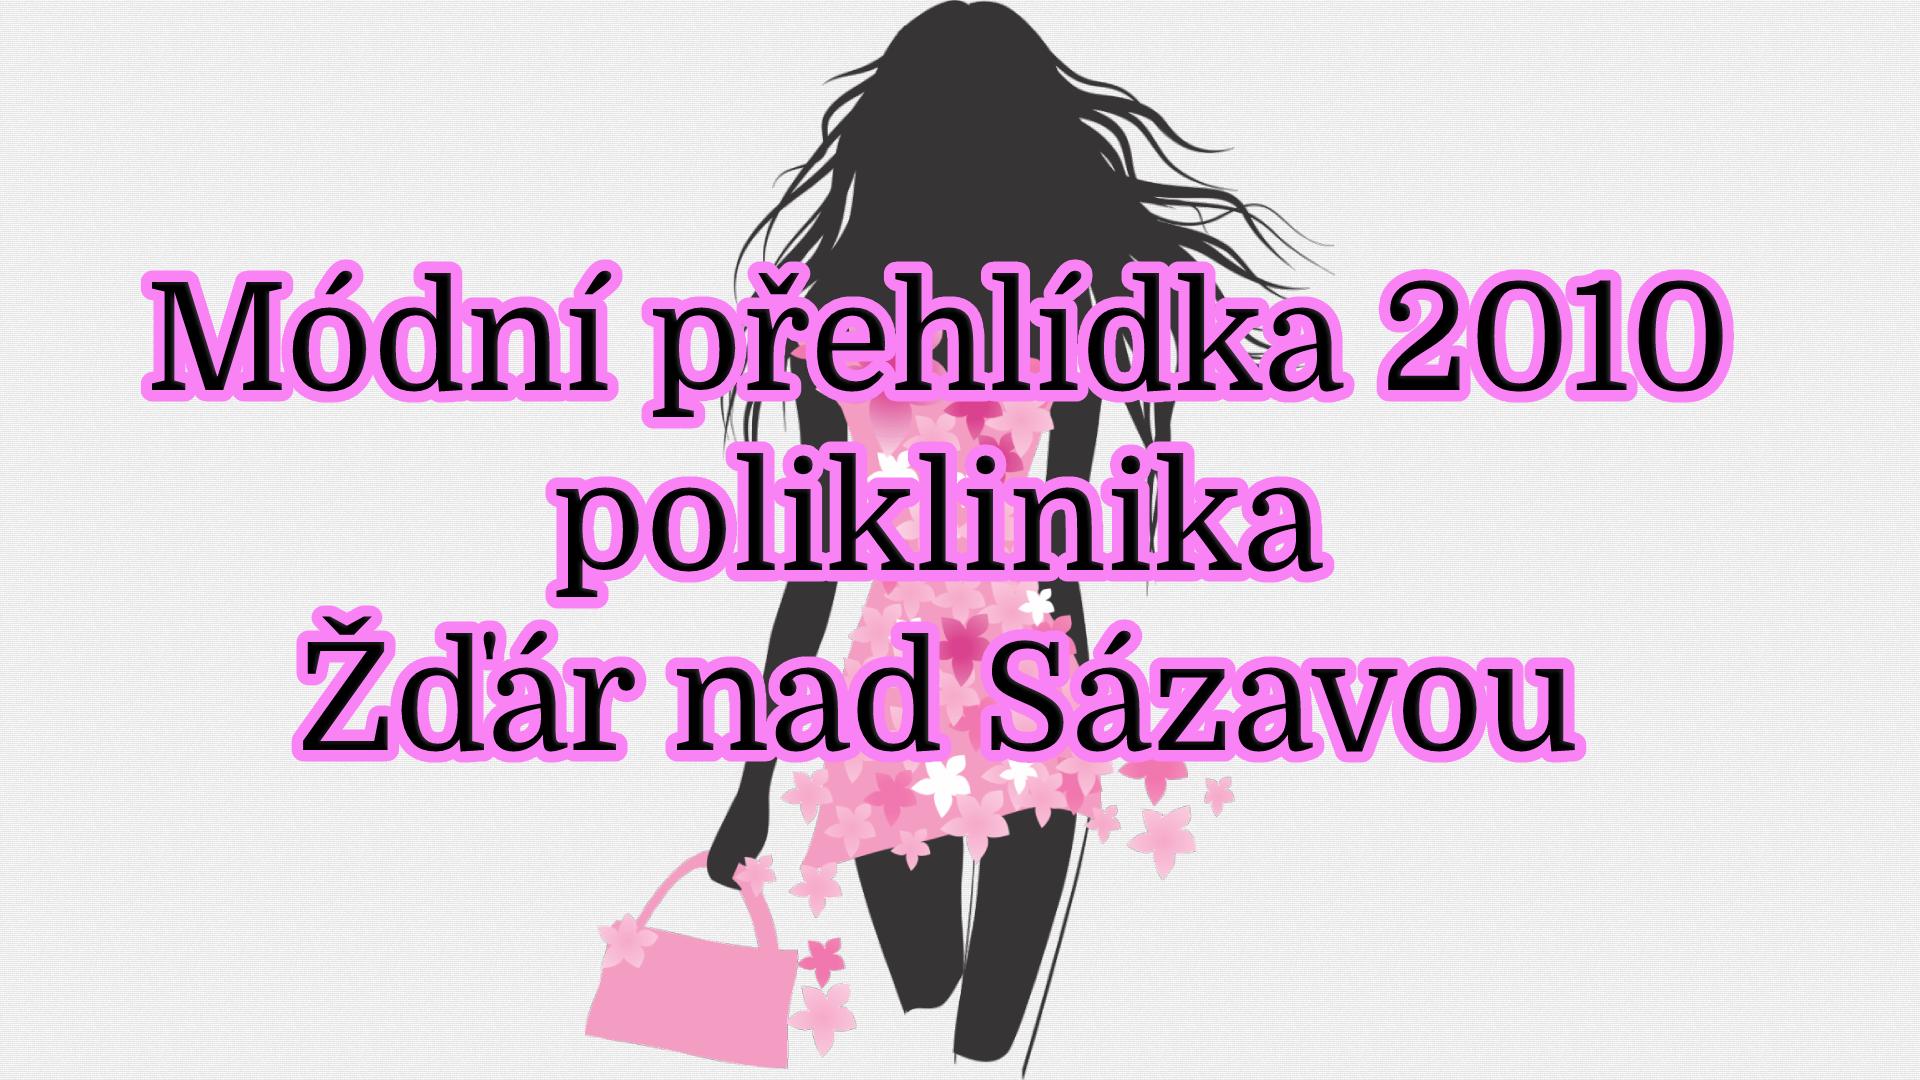 Módní přehlídka 2010 - poliklinika Žďár nad Sázavou